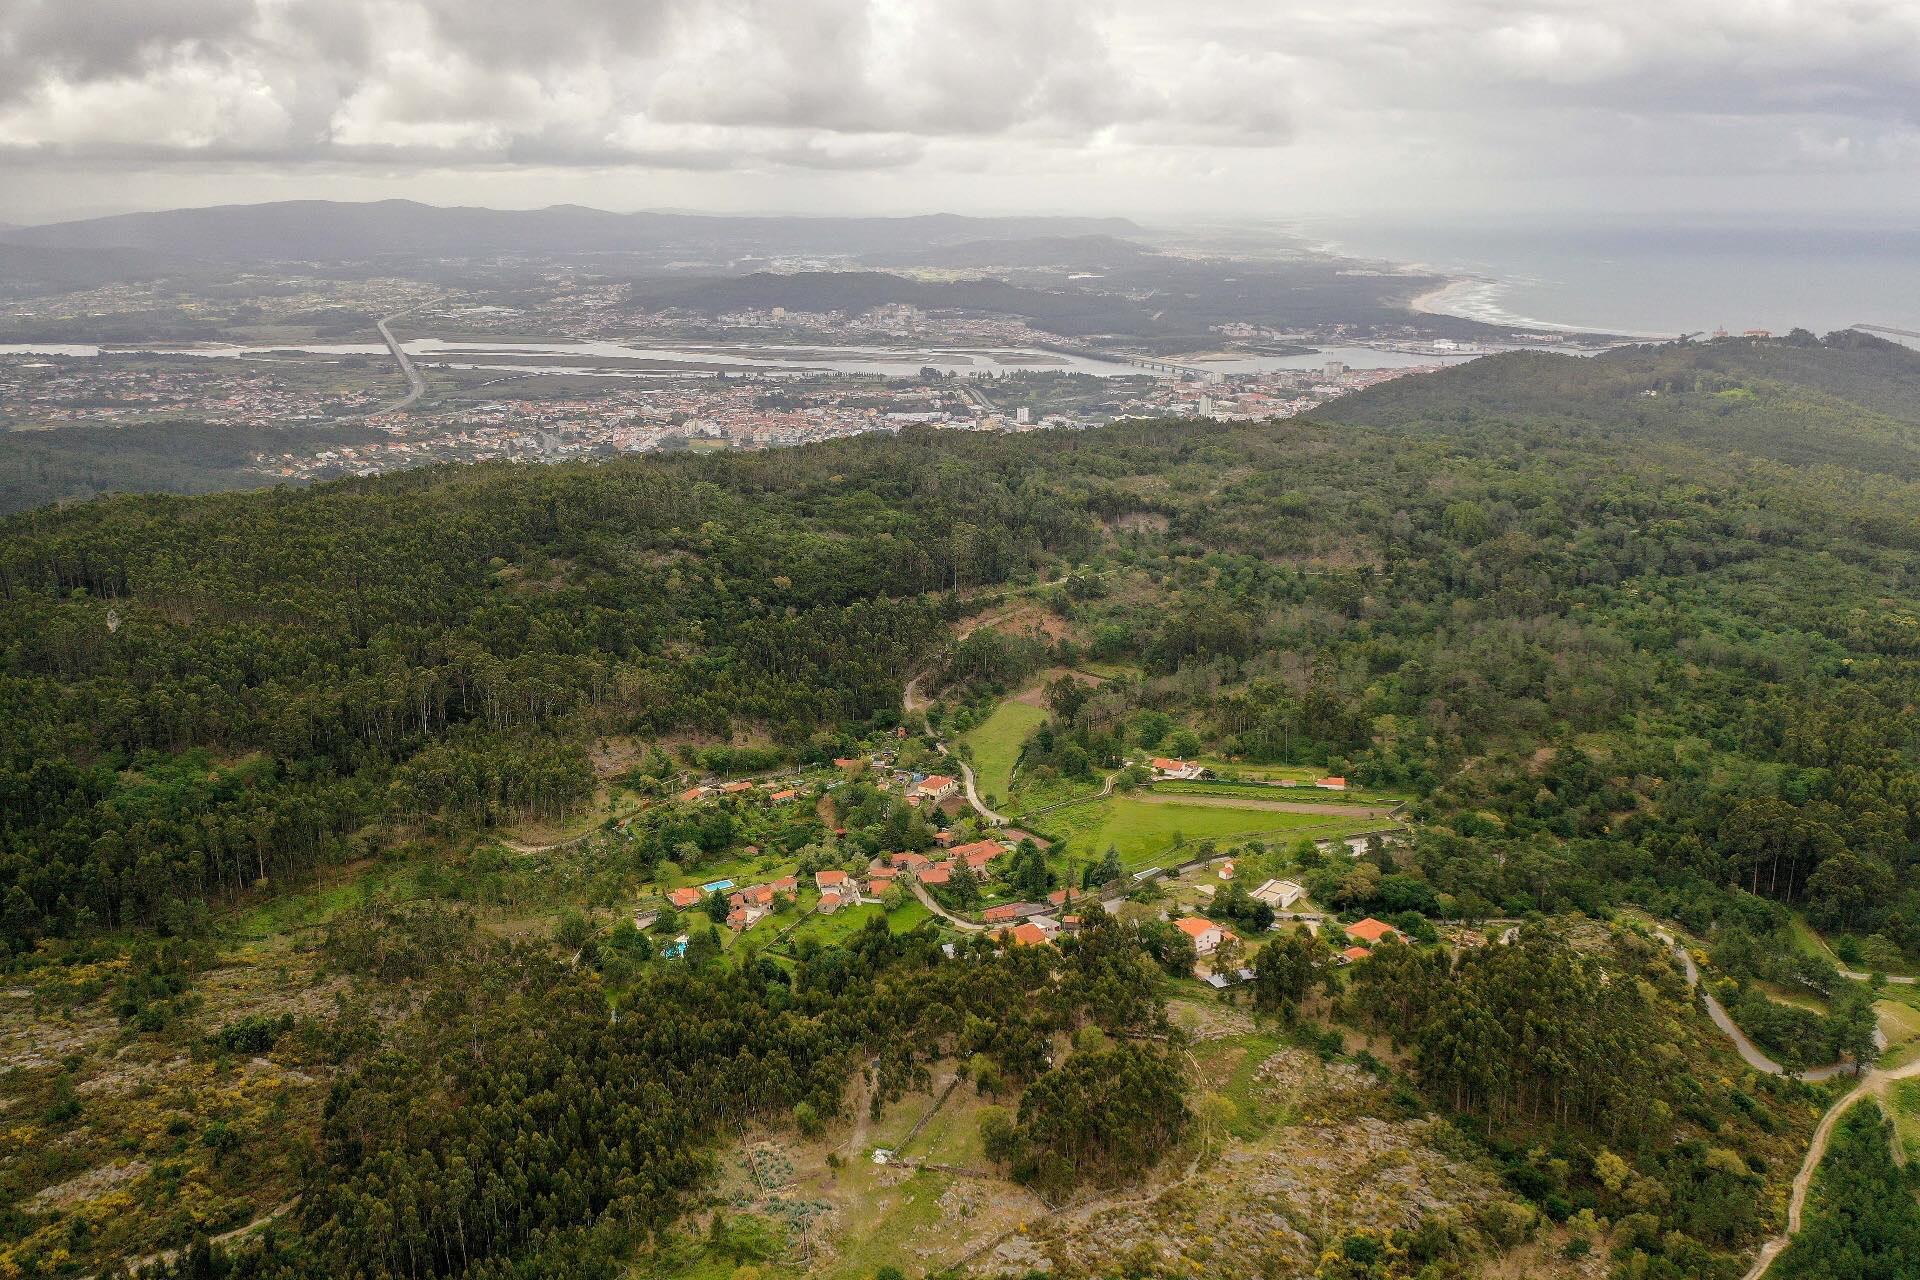 Revisão do Plano Municipal de Defesa da Floresta de Viana Contra Incêndios aprovada por unanimidade